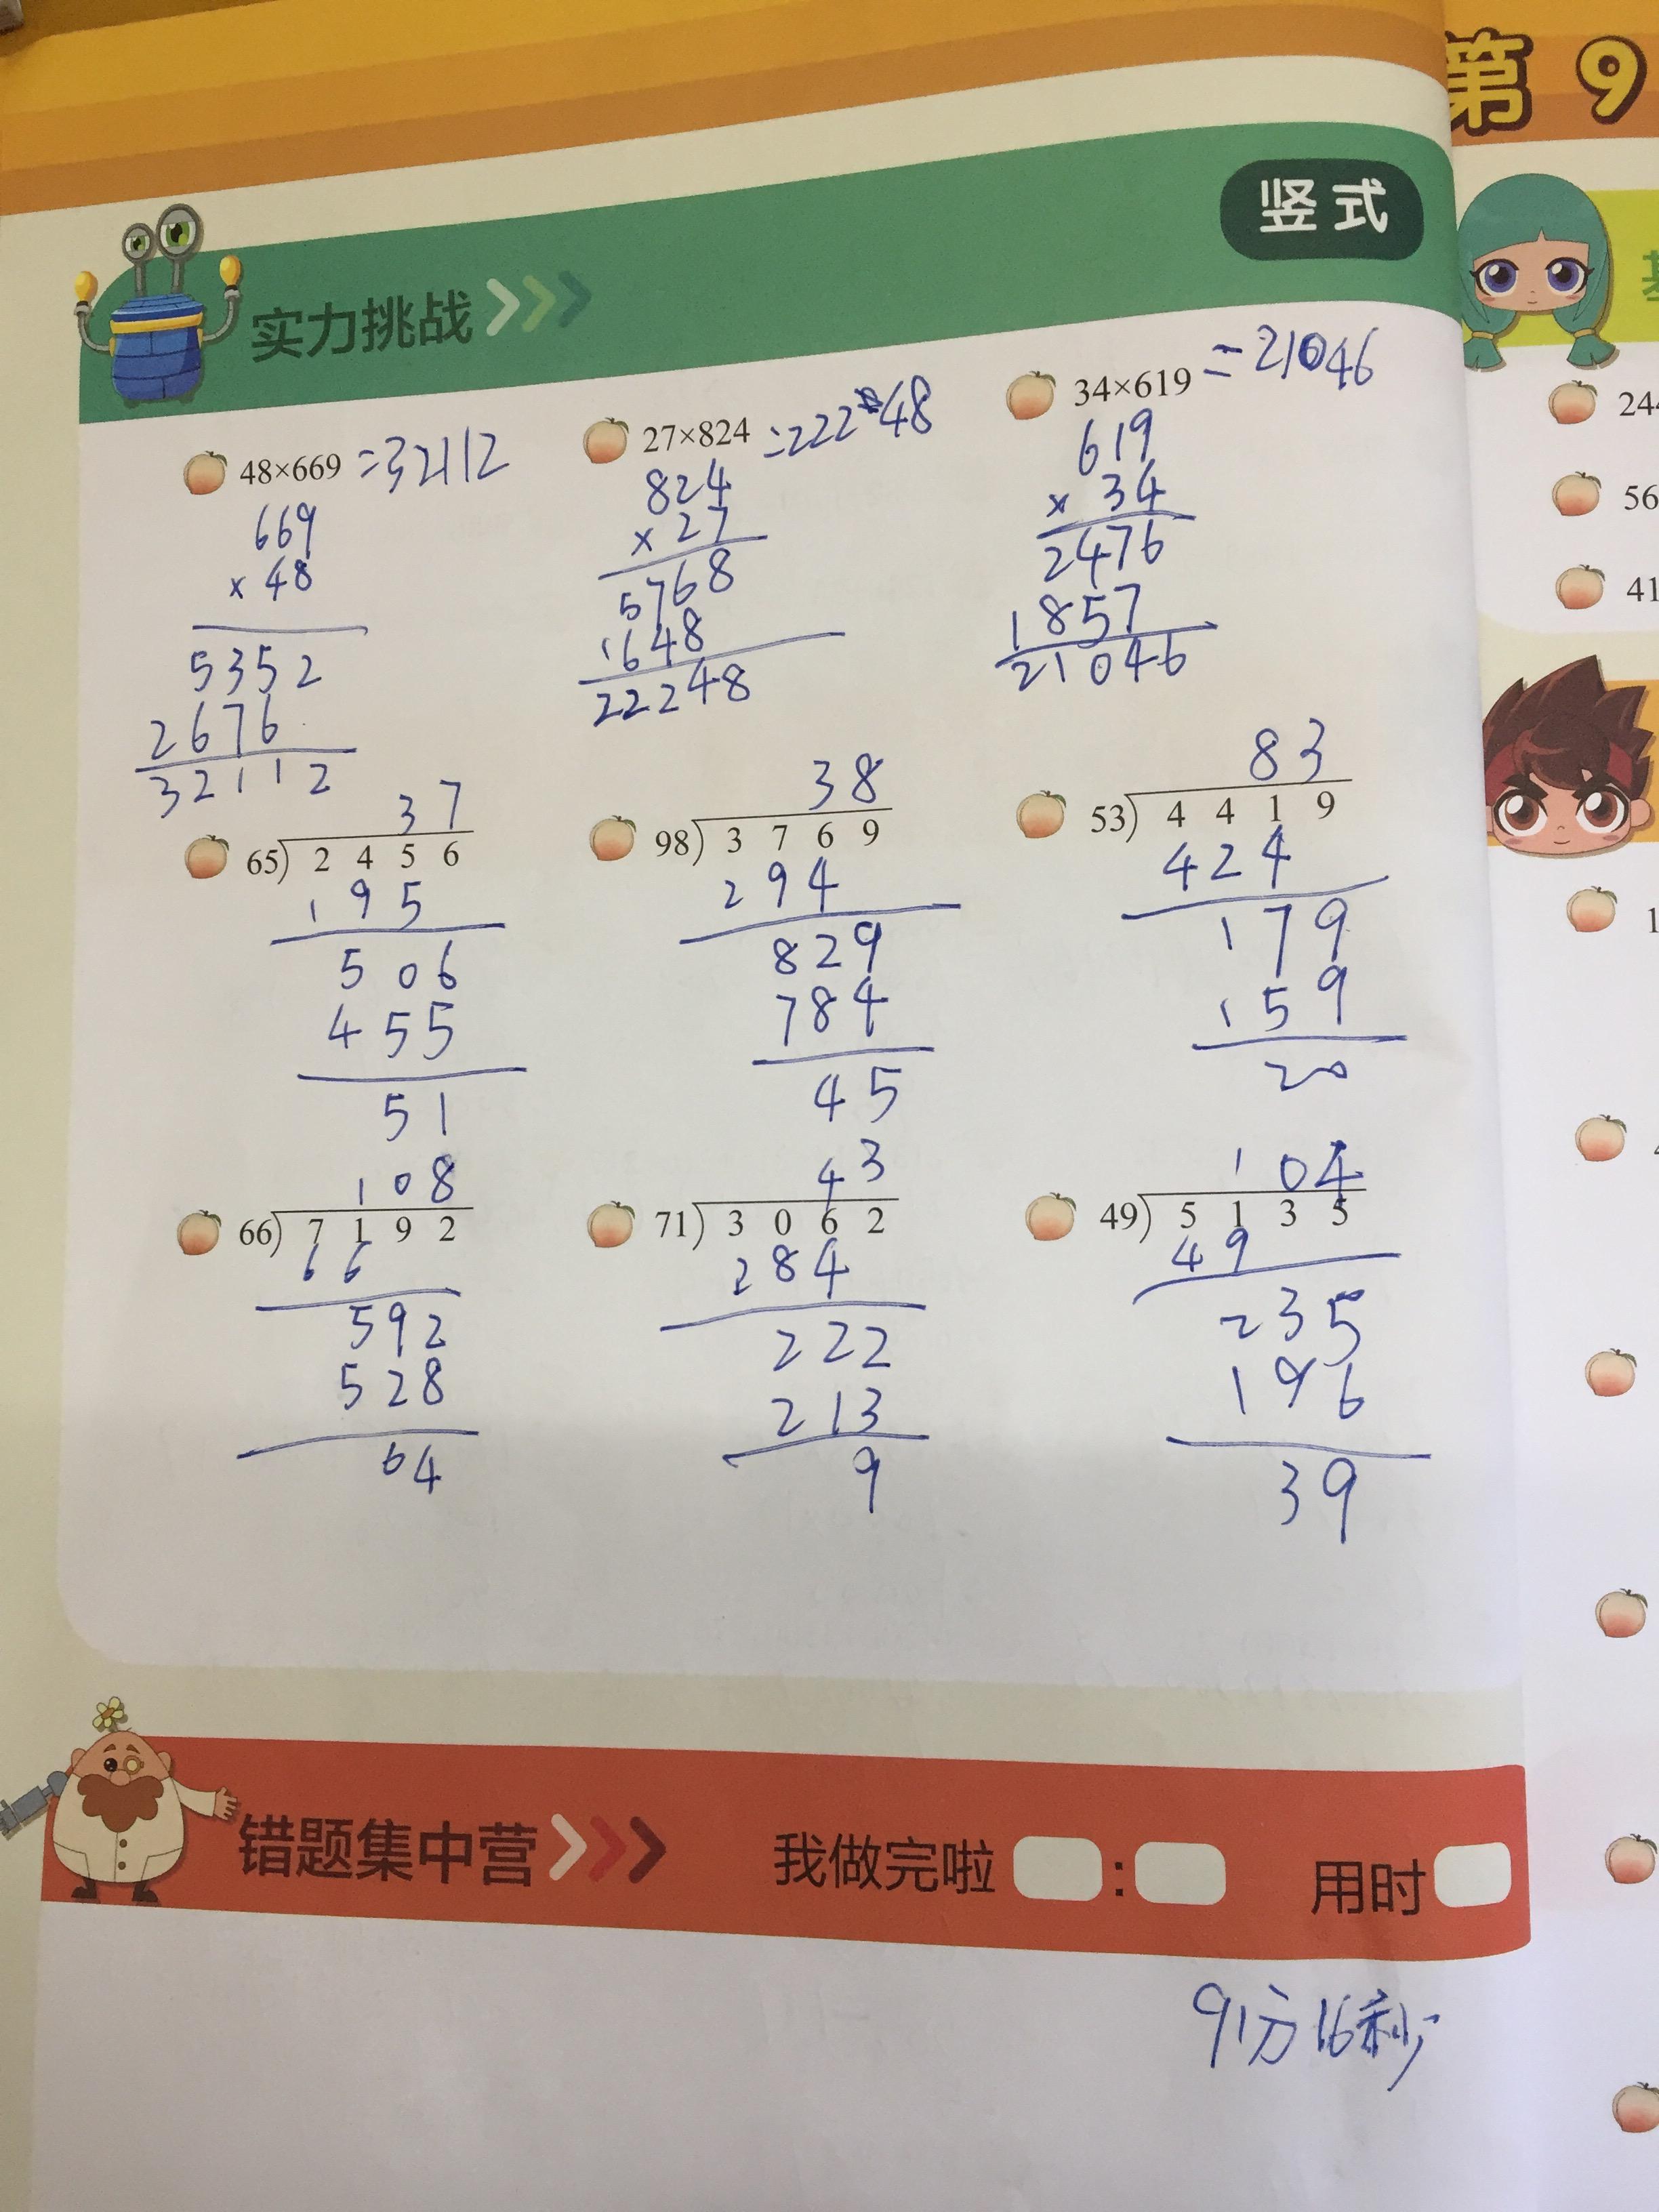 9EA8BD79-BED4-4A54-8A61-CAB43DDAFABE.jpg